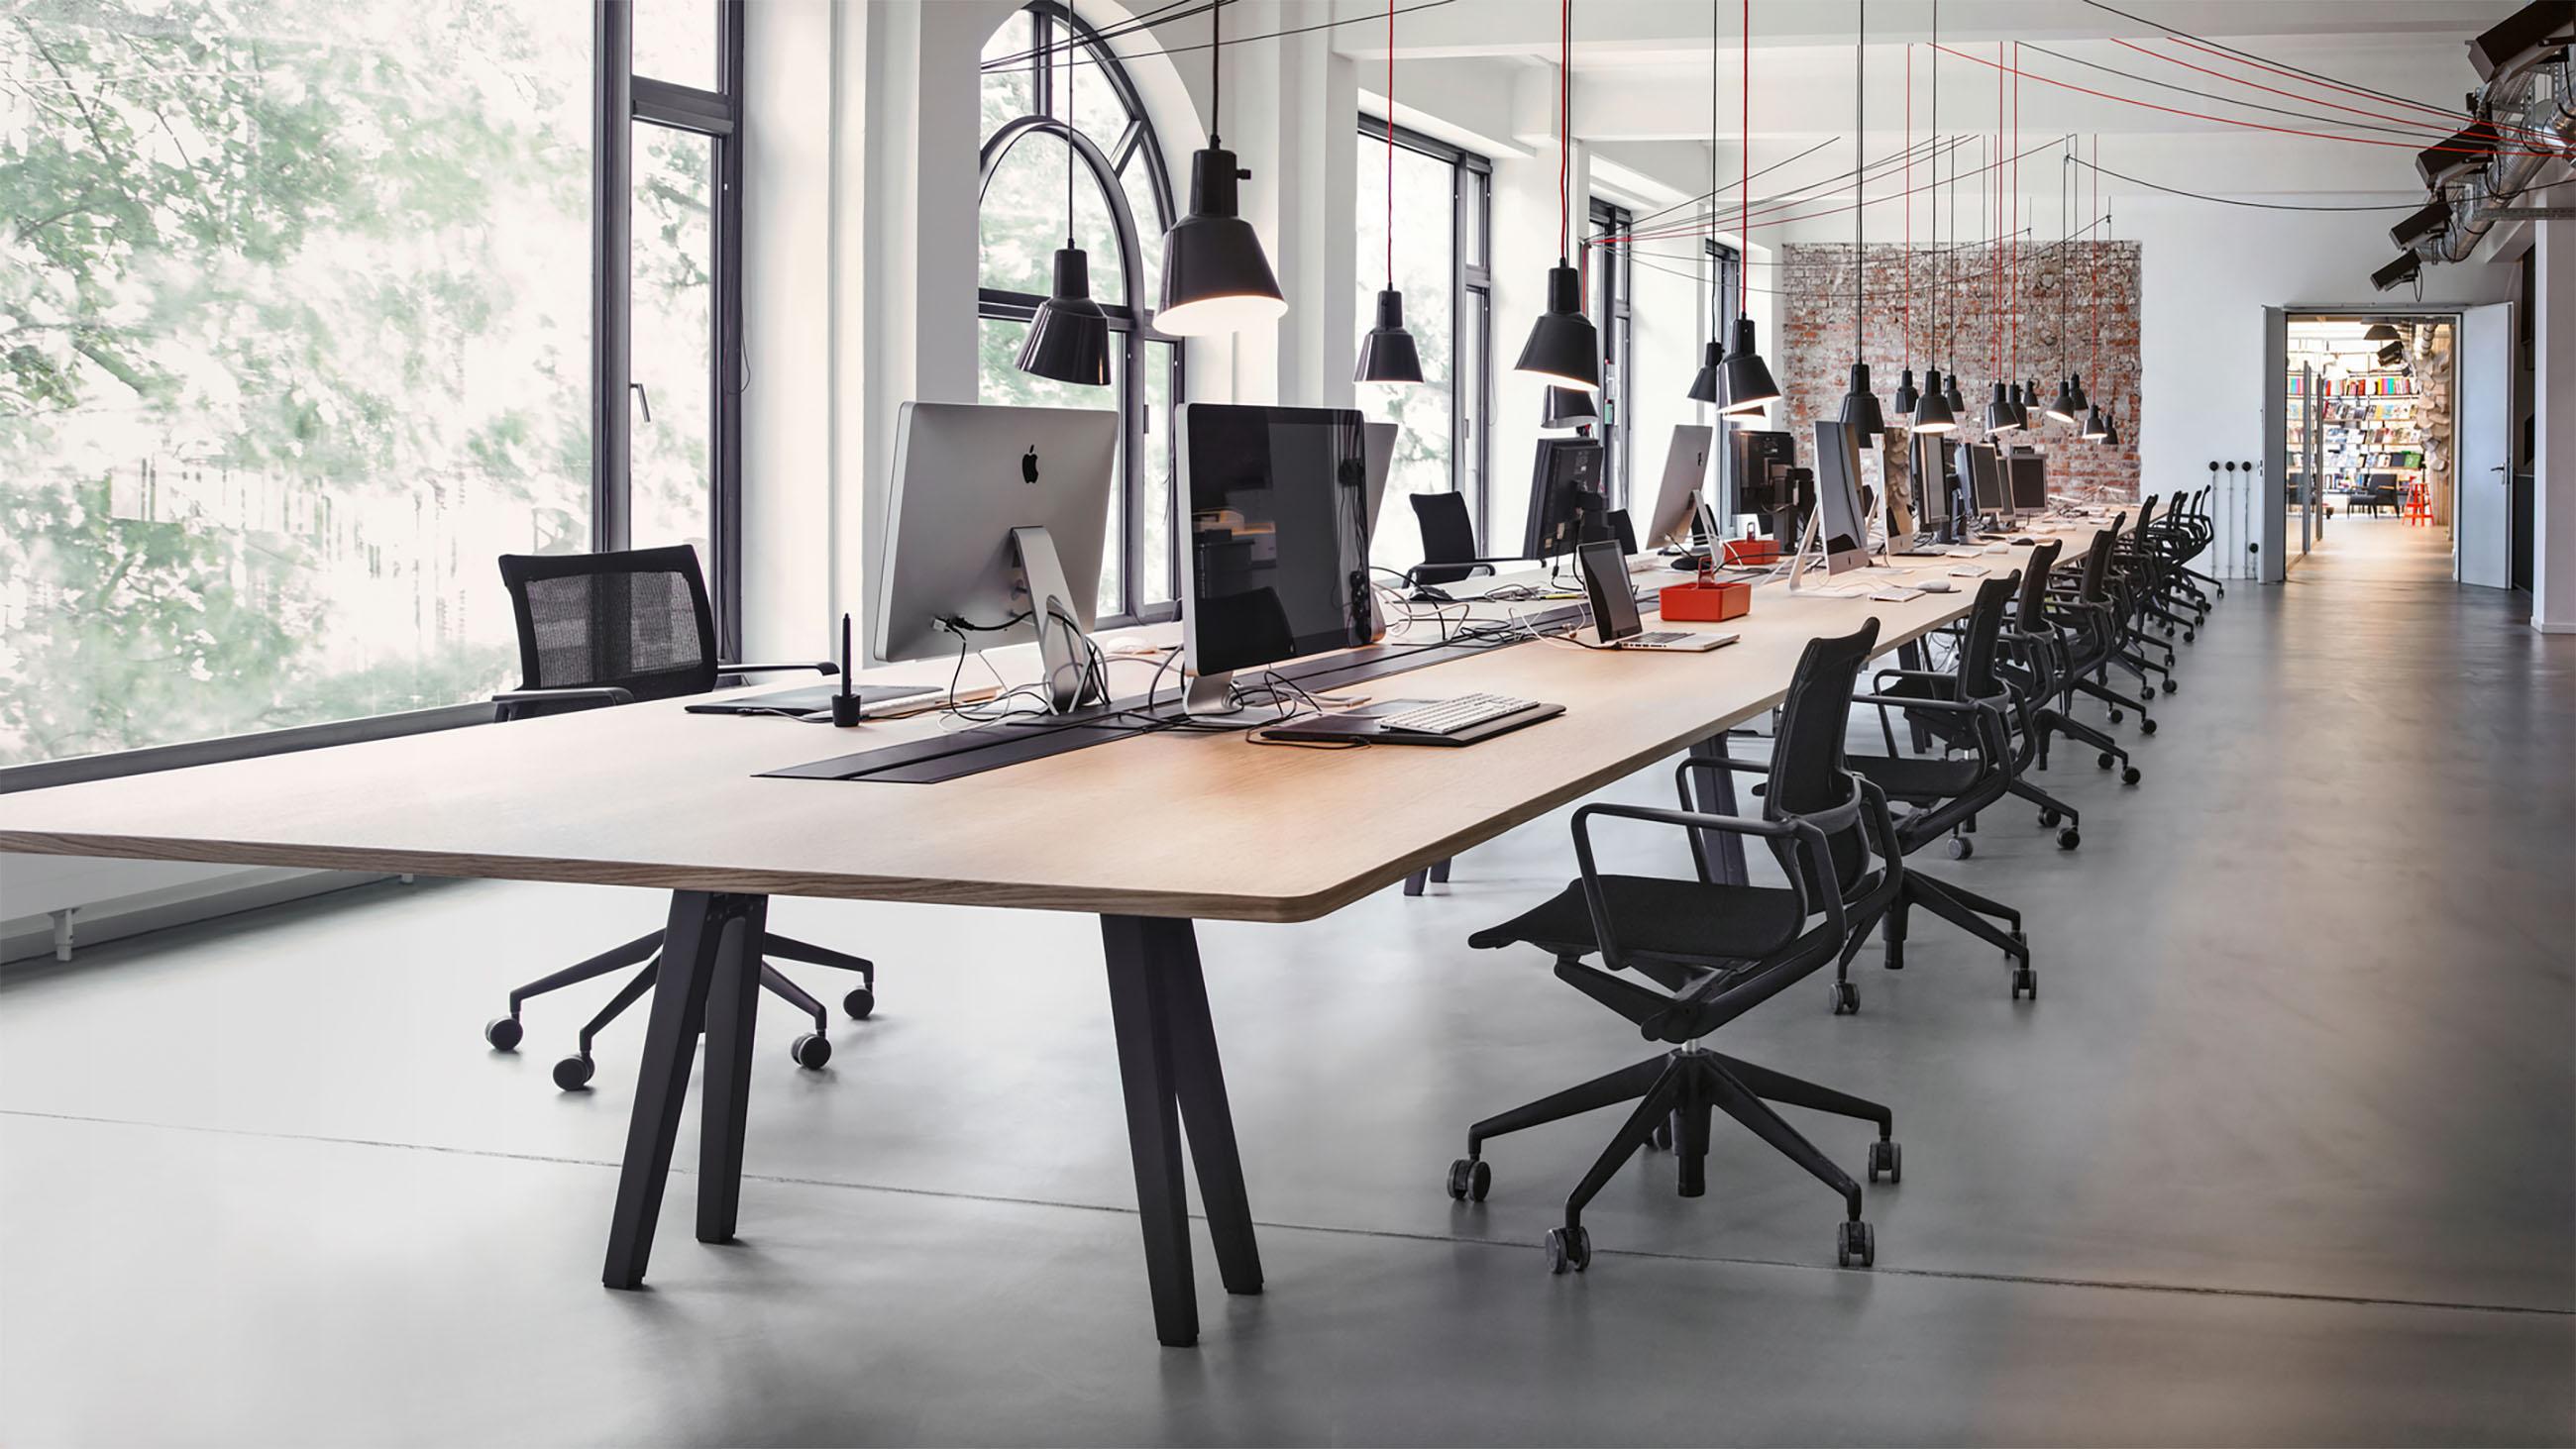 Waldis Luzern - Büromöbel, Drucklösungen und Wohneinrichtungen